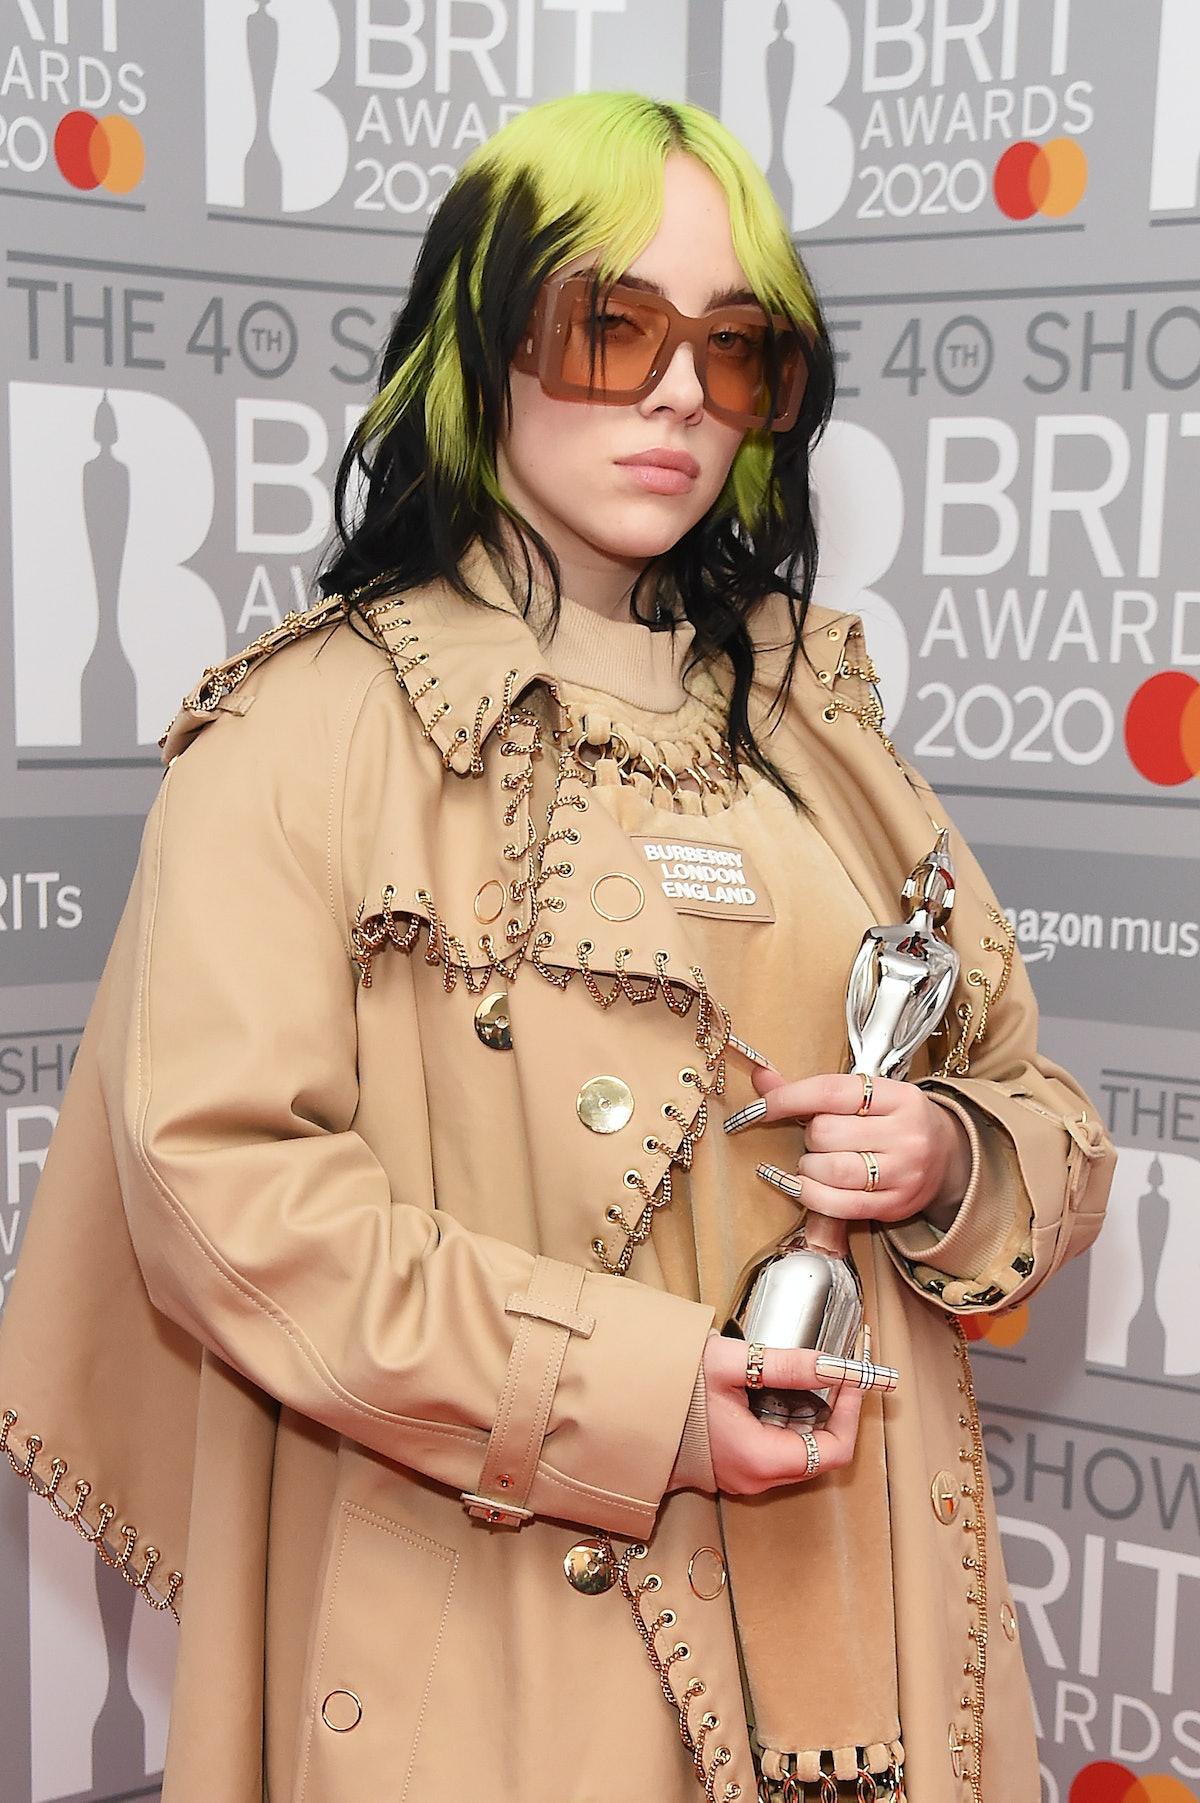 Billie Eilish attends the 2020 Brit Awards.